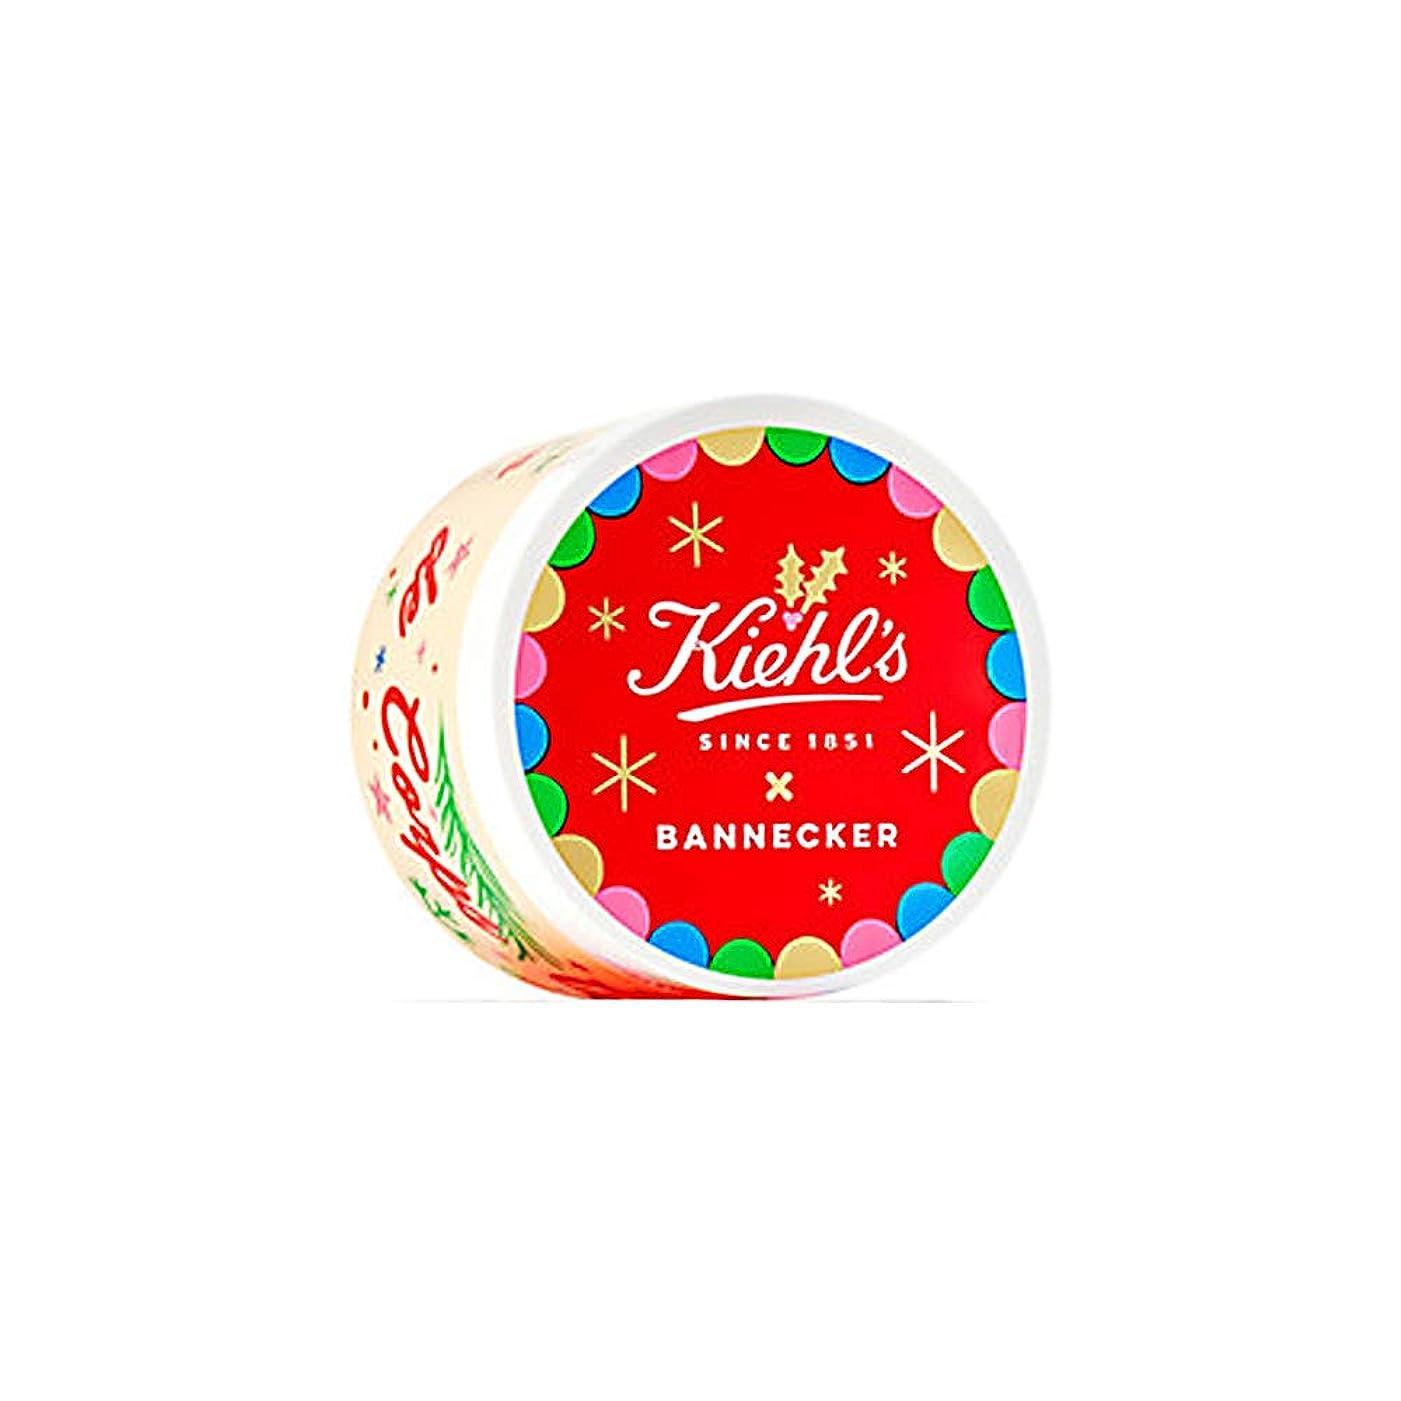 ぼかしバッフル満足させるKIEHLS(キールズ) クレム ドゥ コール ホイップ ボディ バター 226g (2018 ホリデー限定エディション) [ ボディバター ] [並行輸入品]